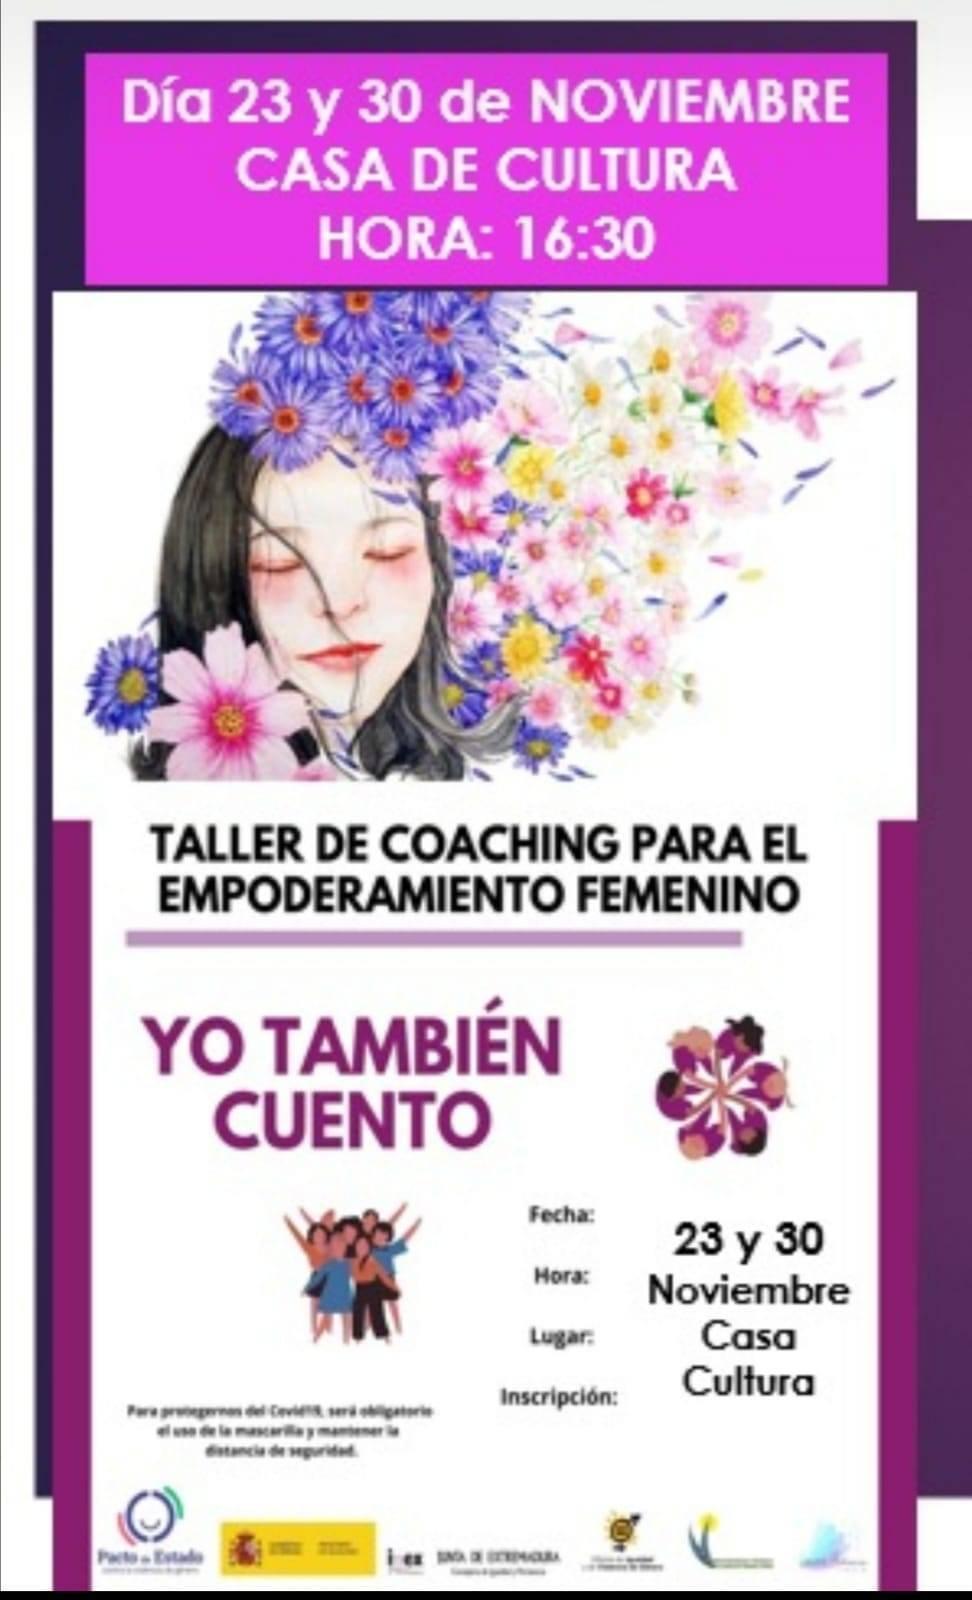 Taller de coaching para el empoderamiento femenino (2020) - Logrosán (Cáceres)